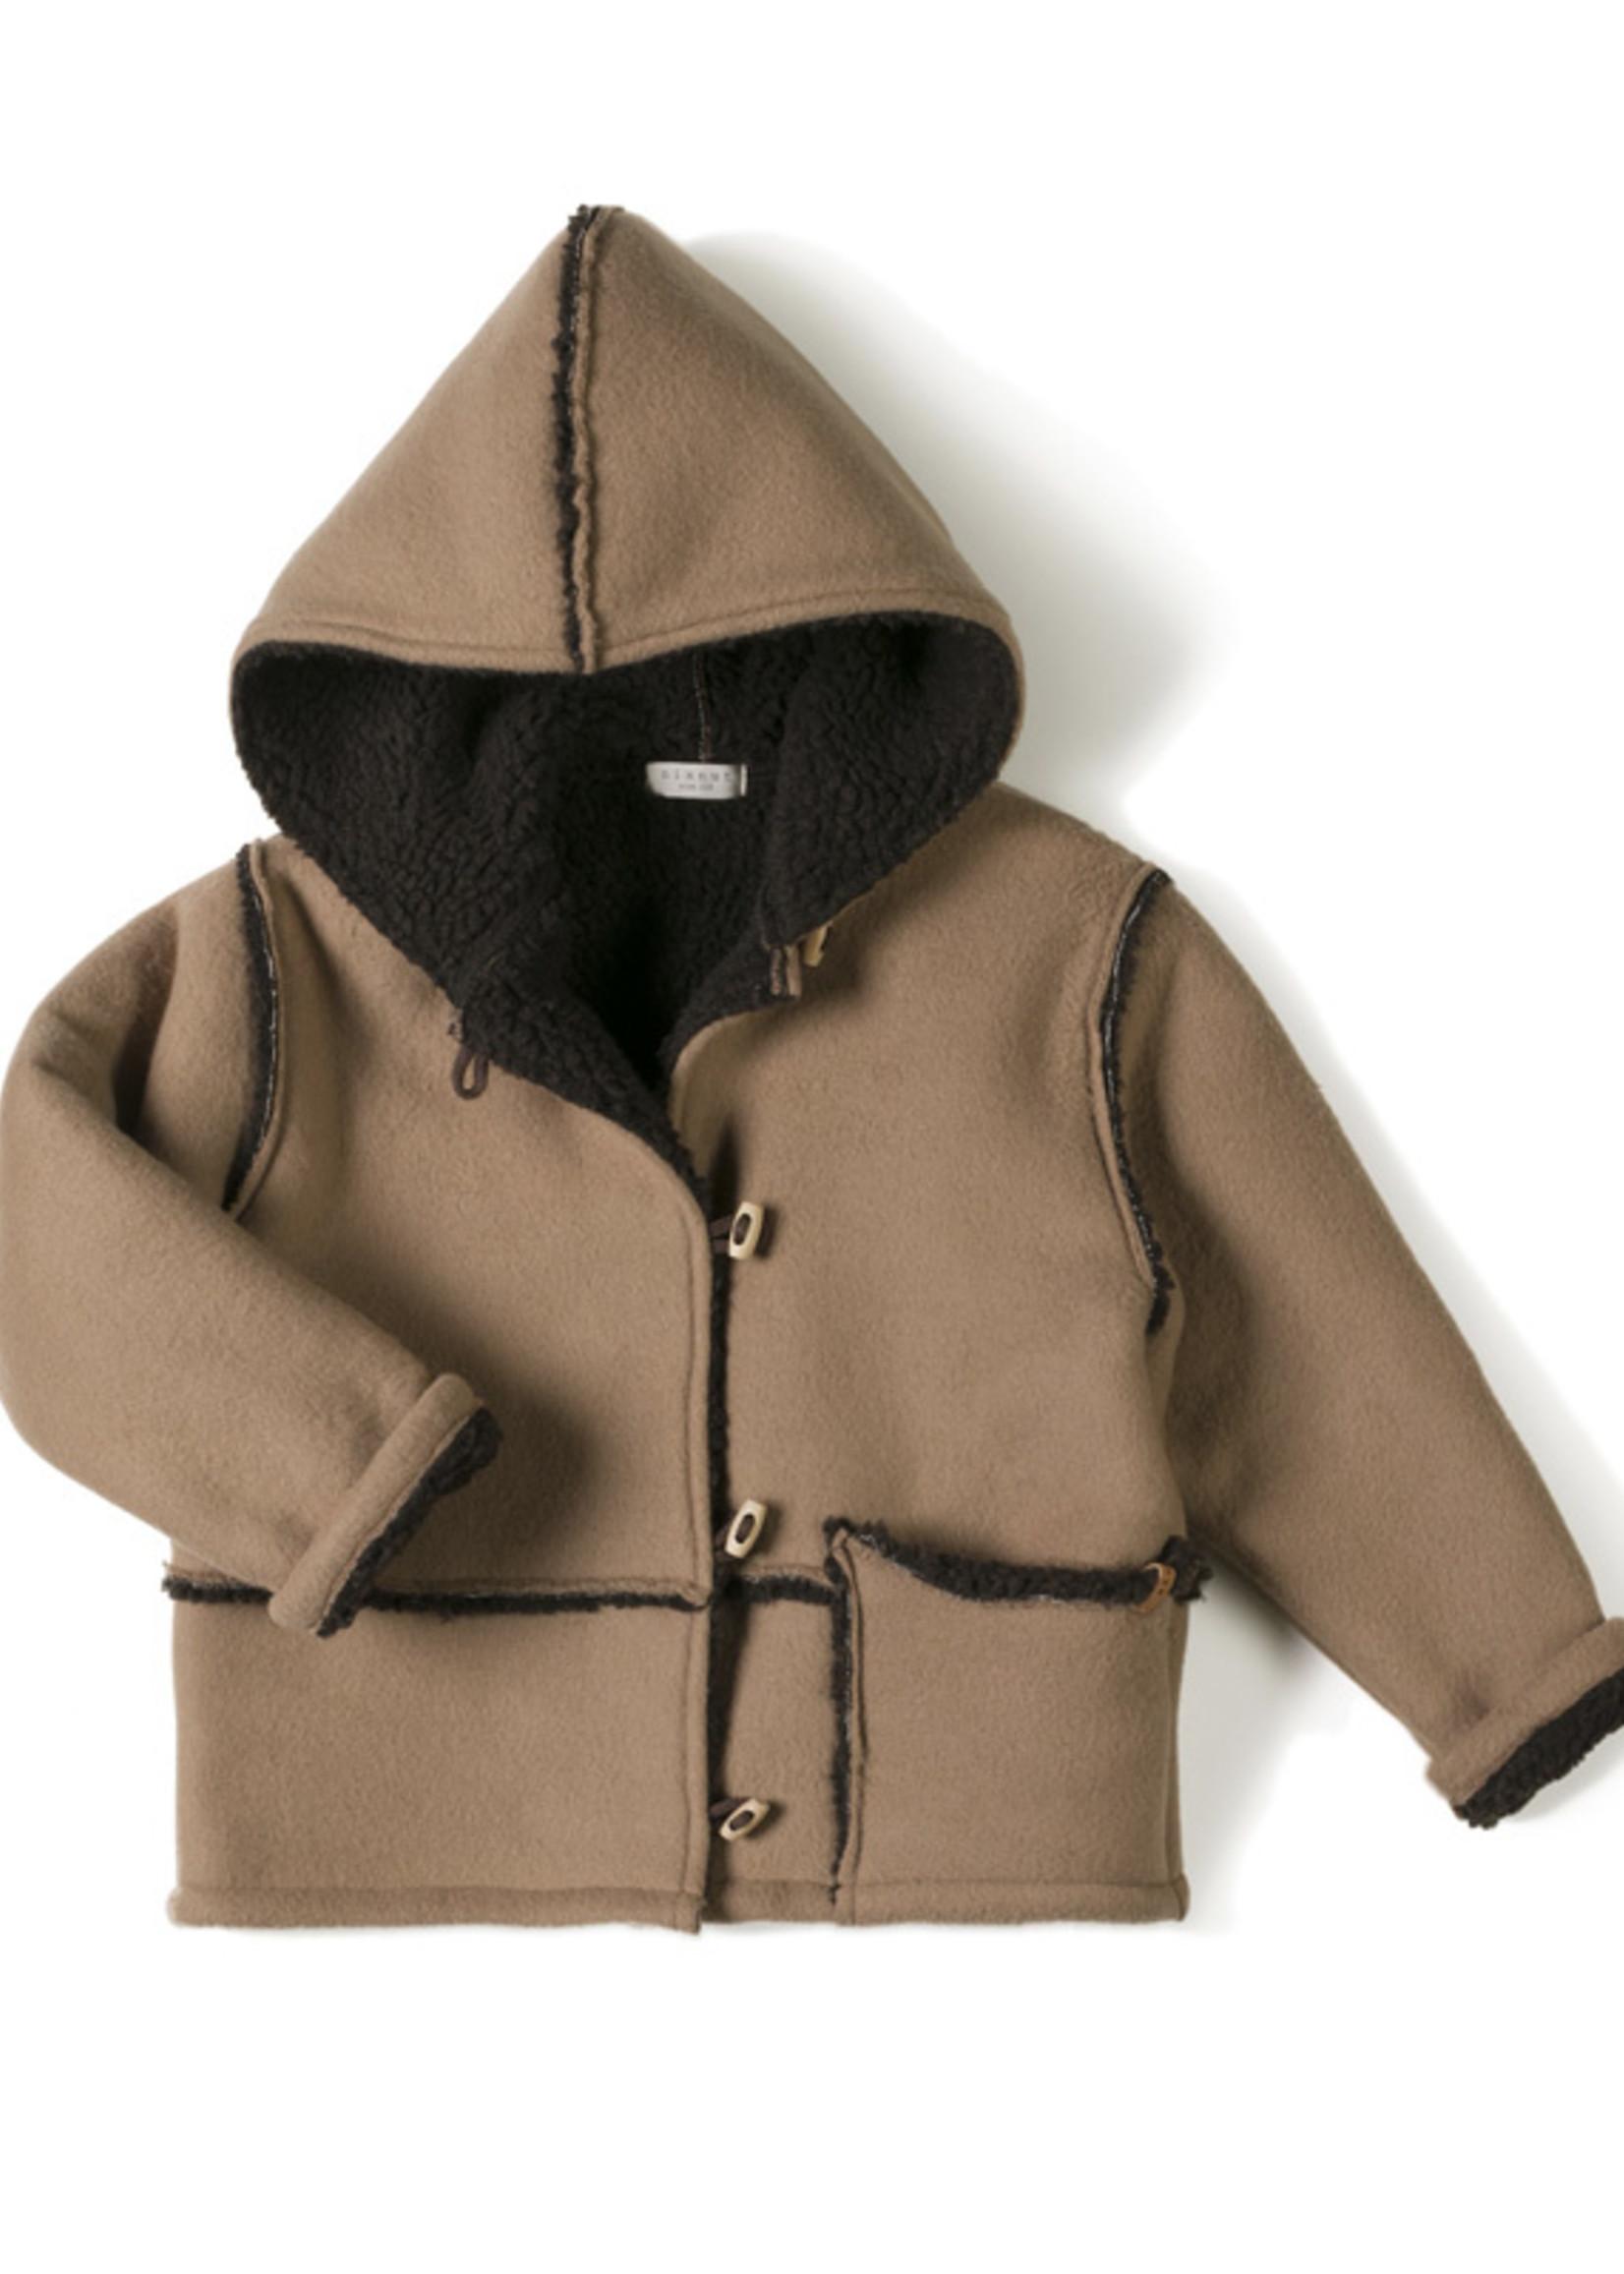 Nixnut Winter Jacket - Choco